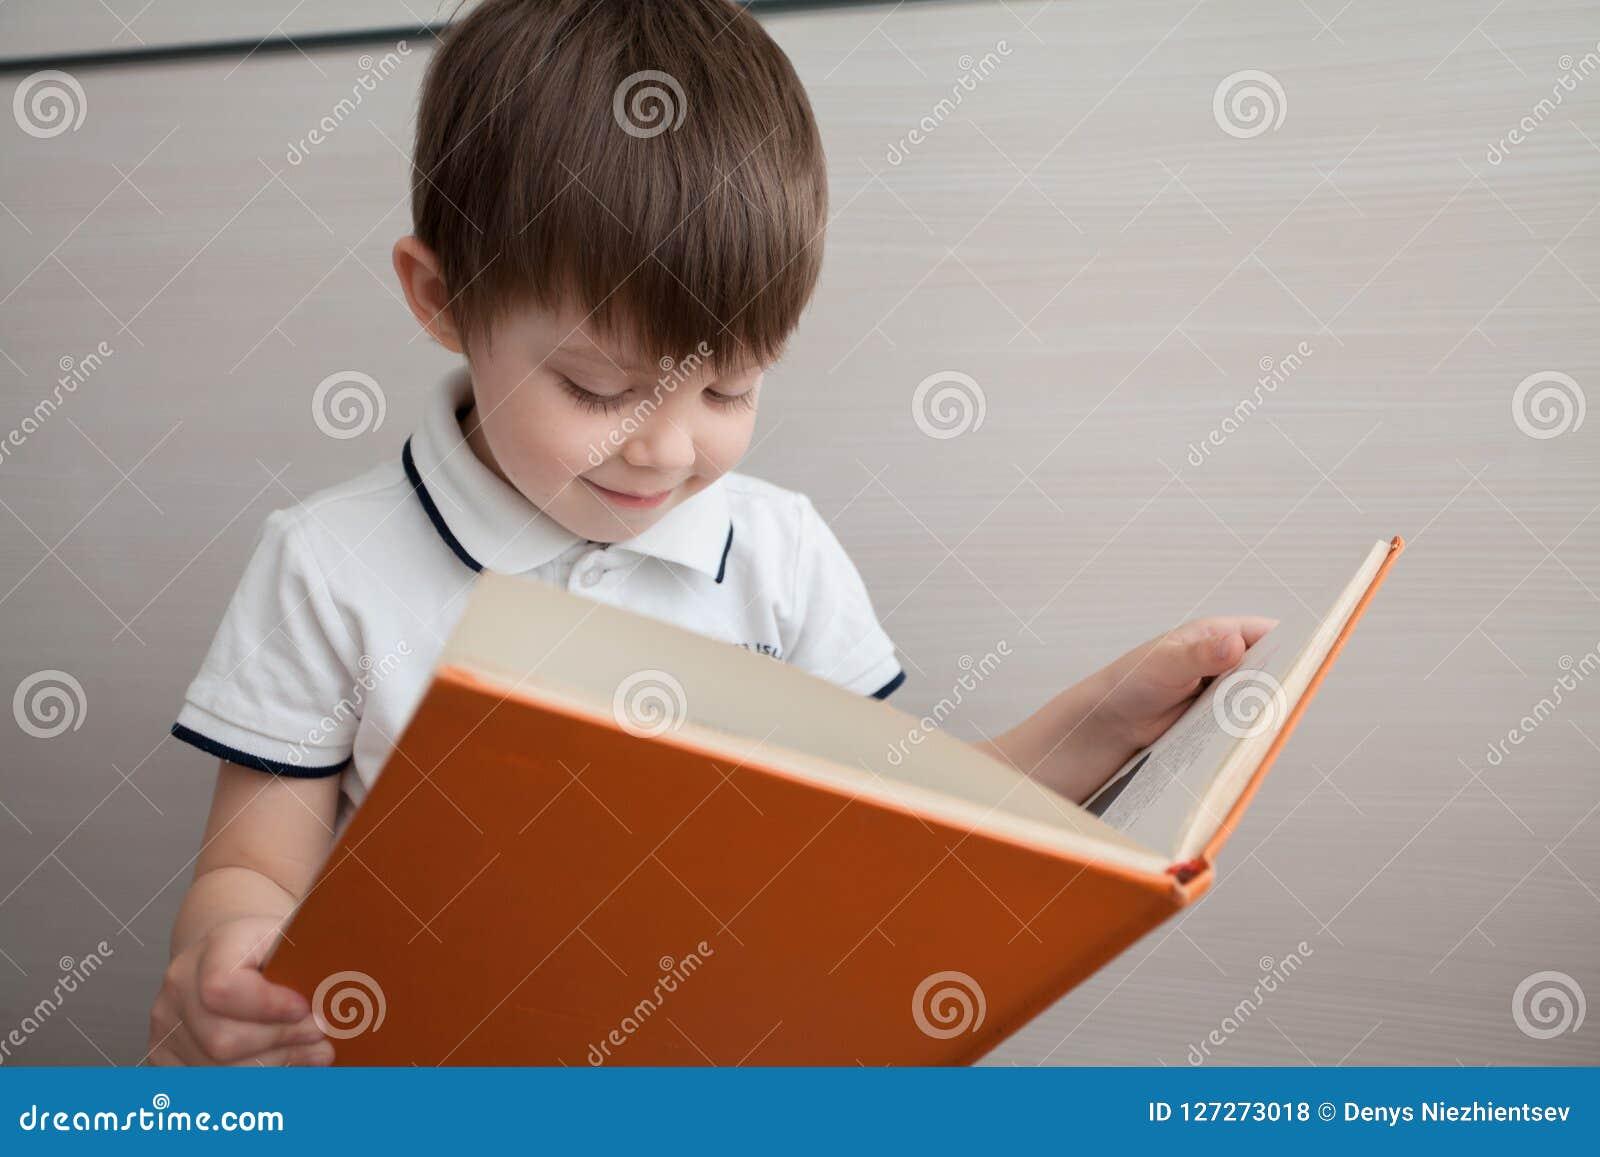 Portret van een mooi kind met een boek